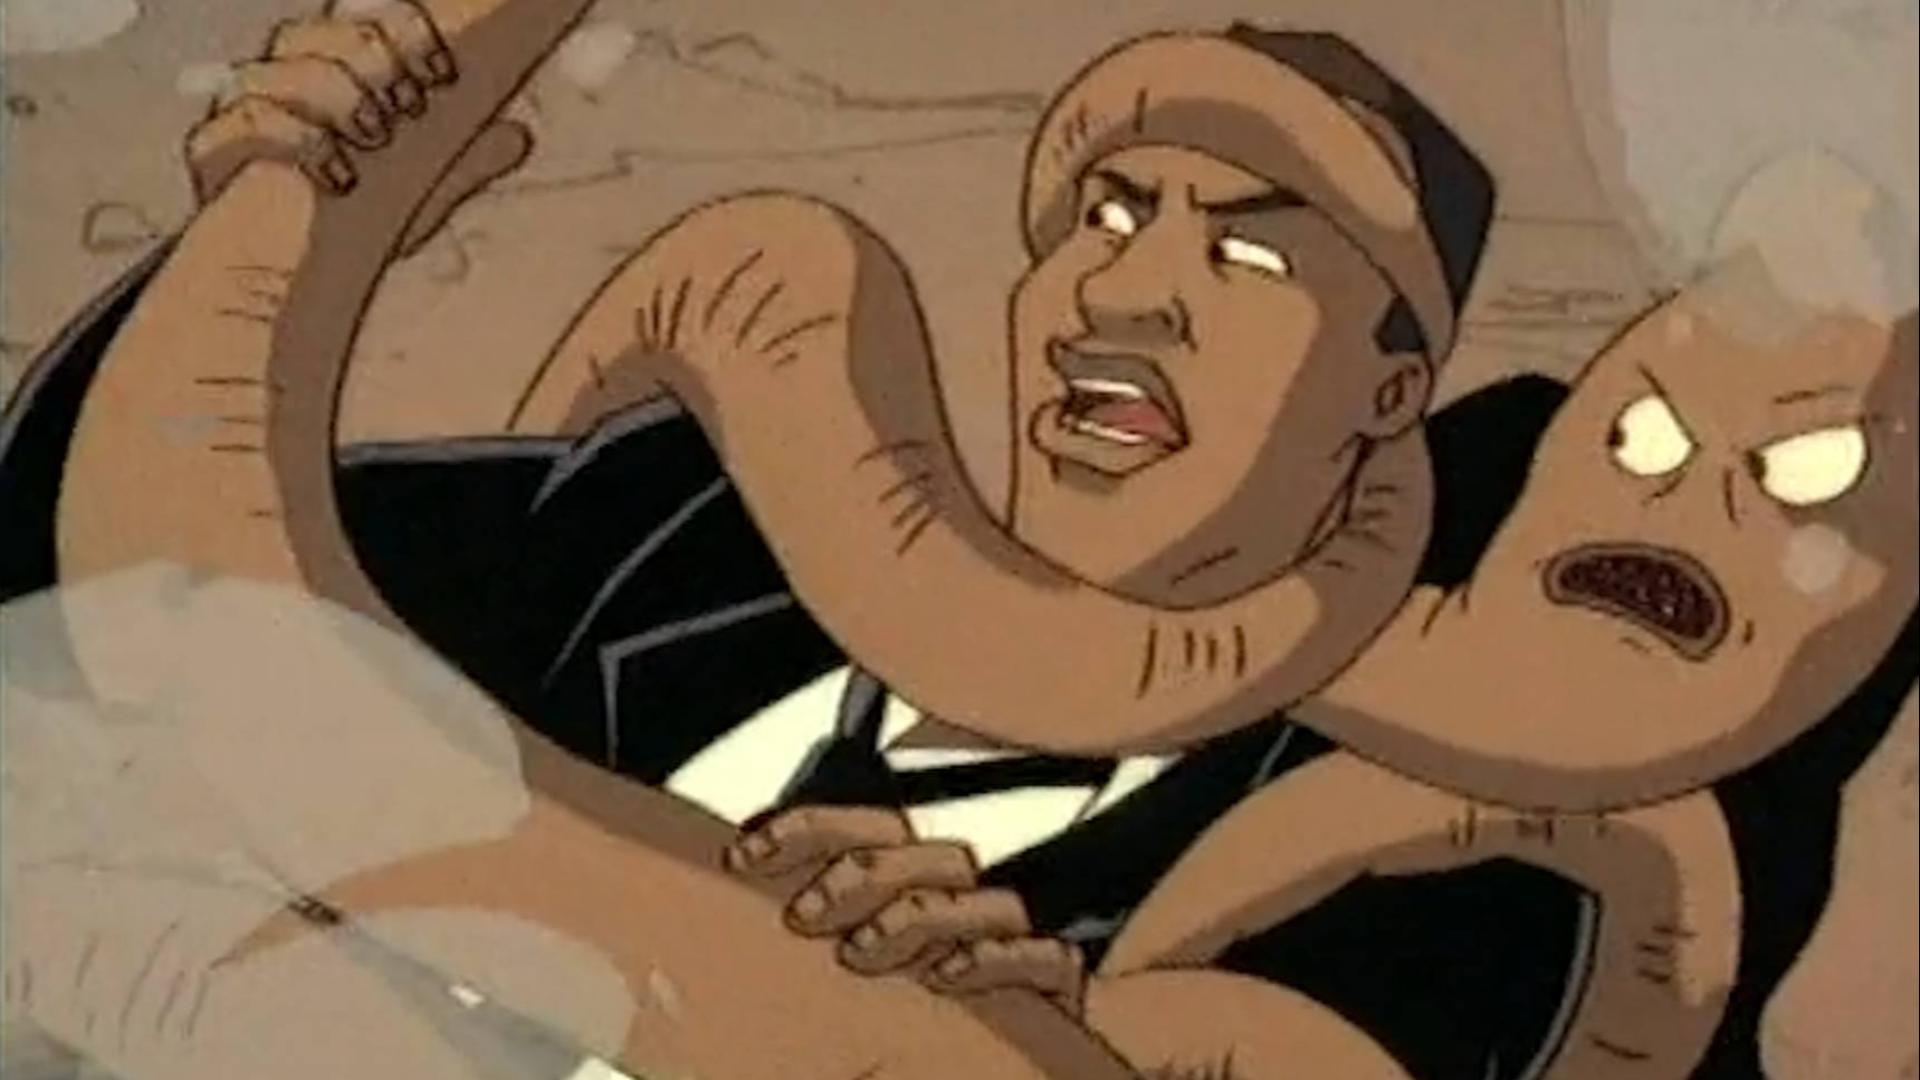 共生体强袭宿主!J探员再陷危机!面对杀手追杀,黑衣警探怎样化险为夷?